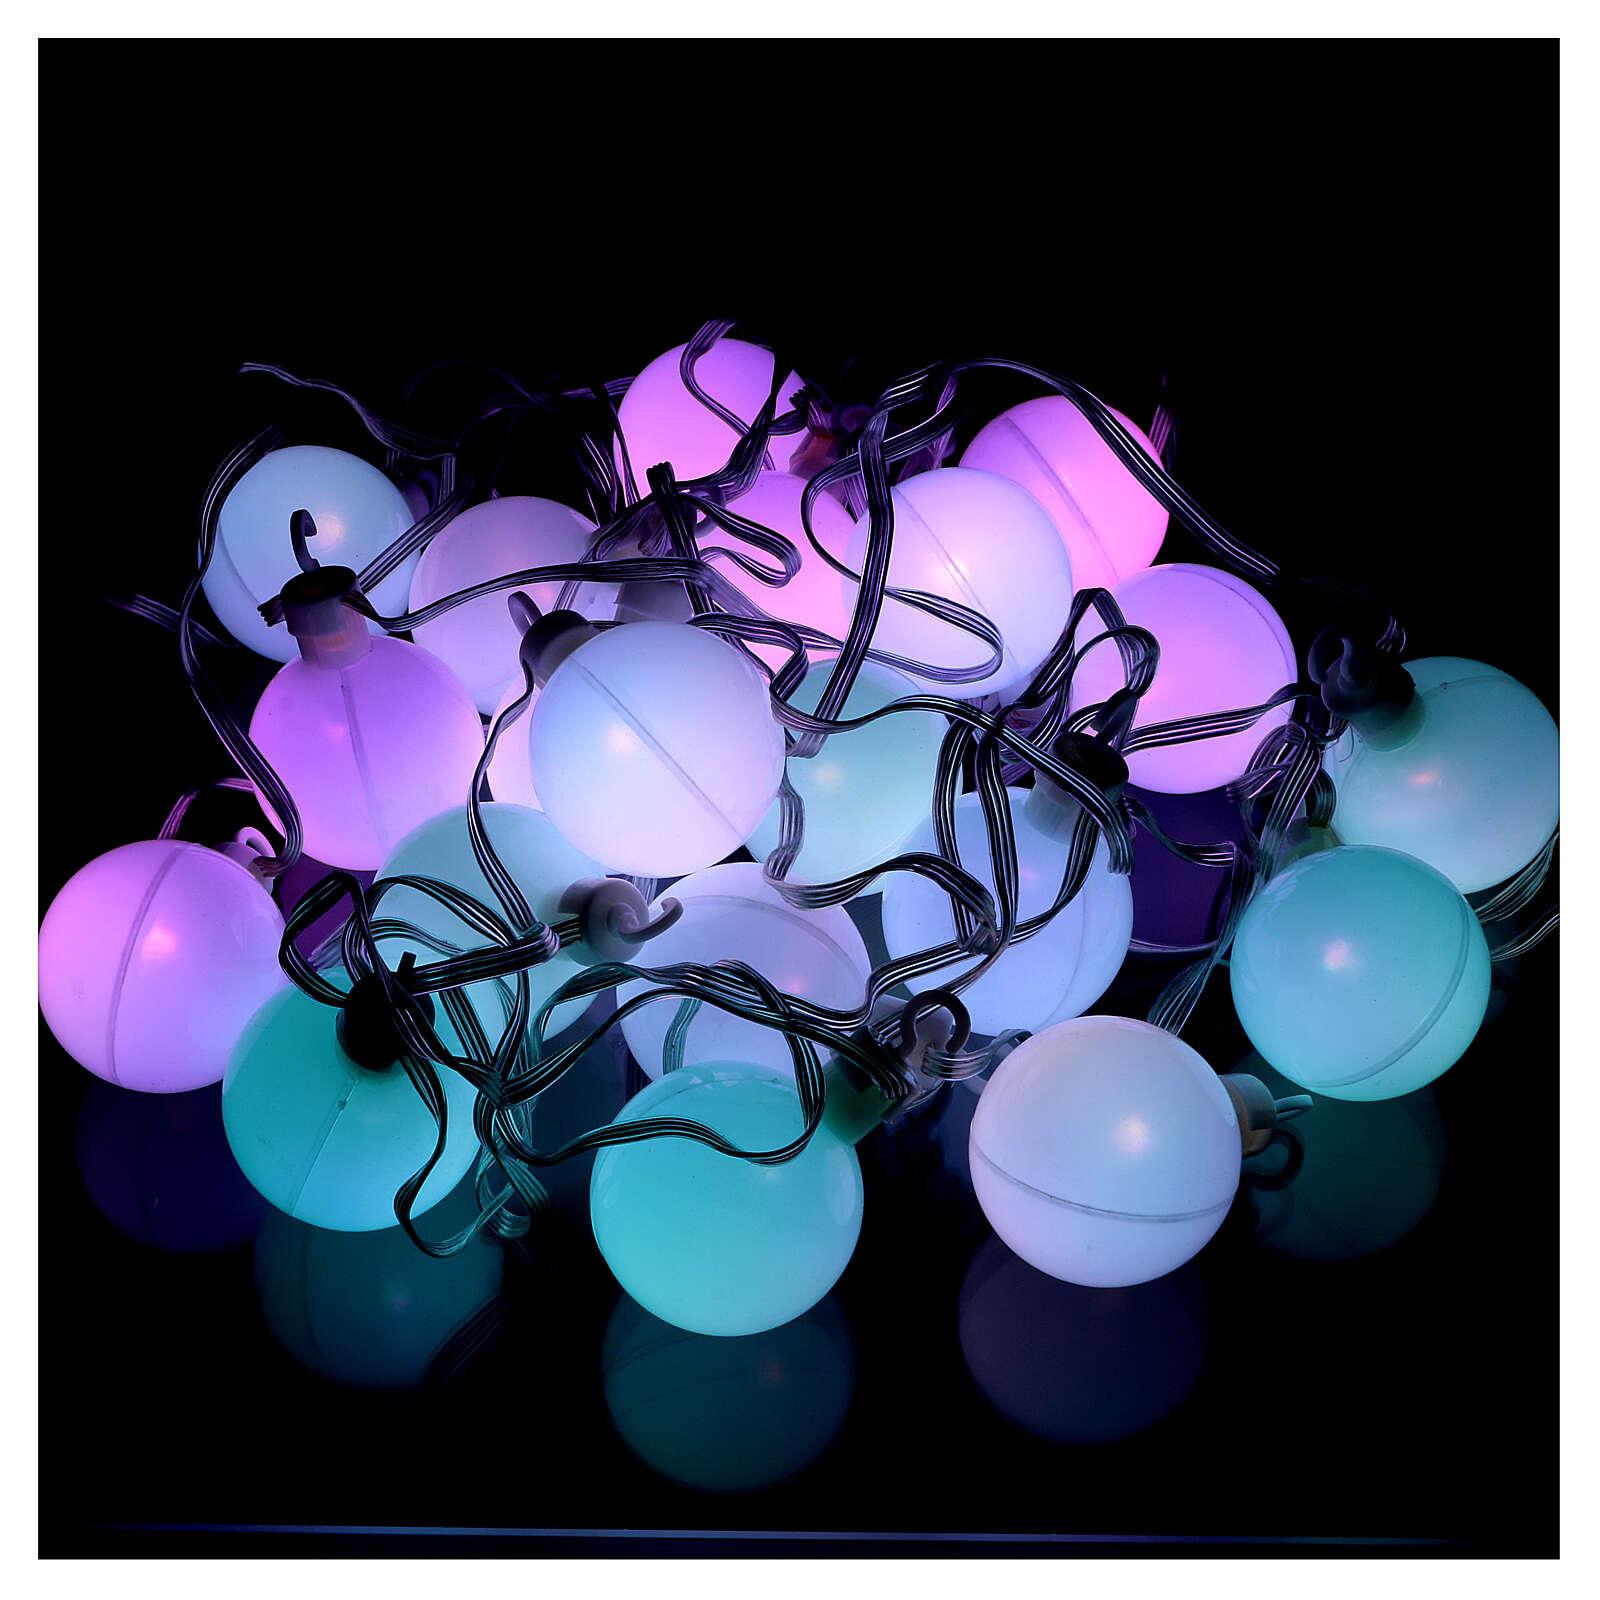 Luce di Natale 30 balocchi multicolori esterno flash control unit 11,6 m 3